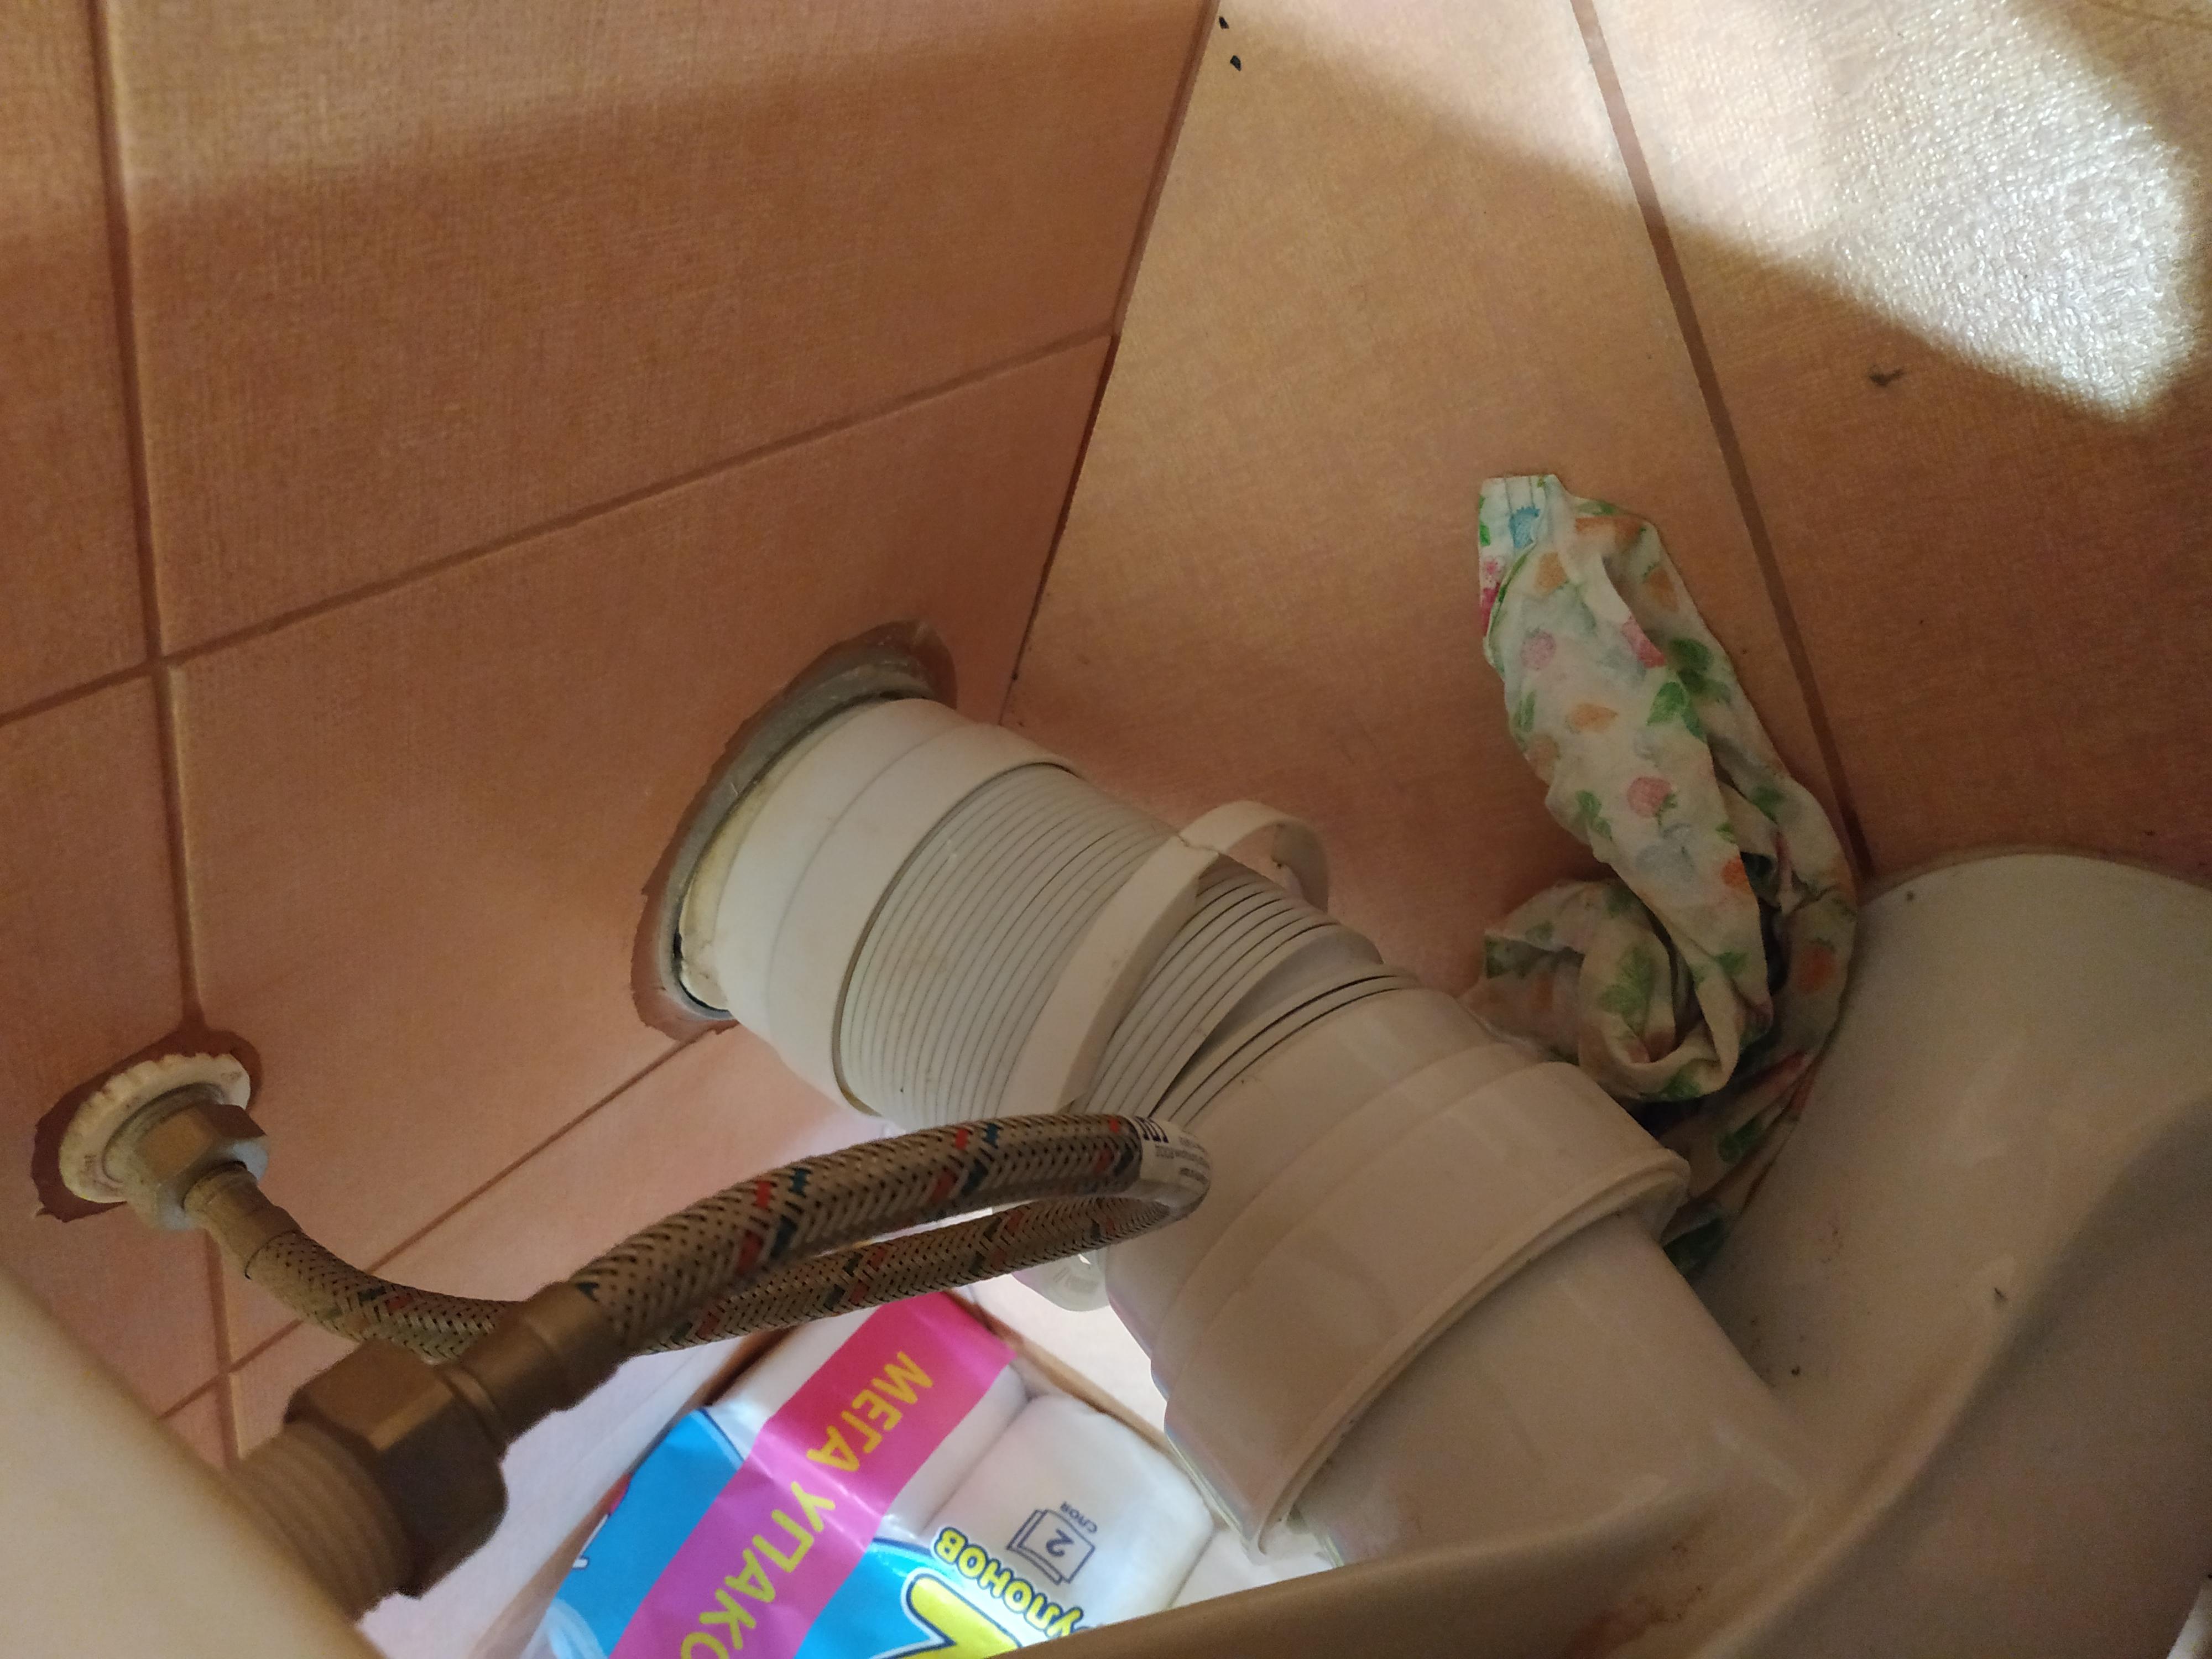 Гофра для унитаза (52 фото): манжета размером 110 мм, замена эксцентрика и фановой трубы, как подключить гофрированный слив